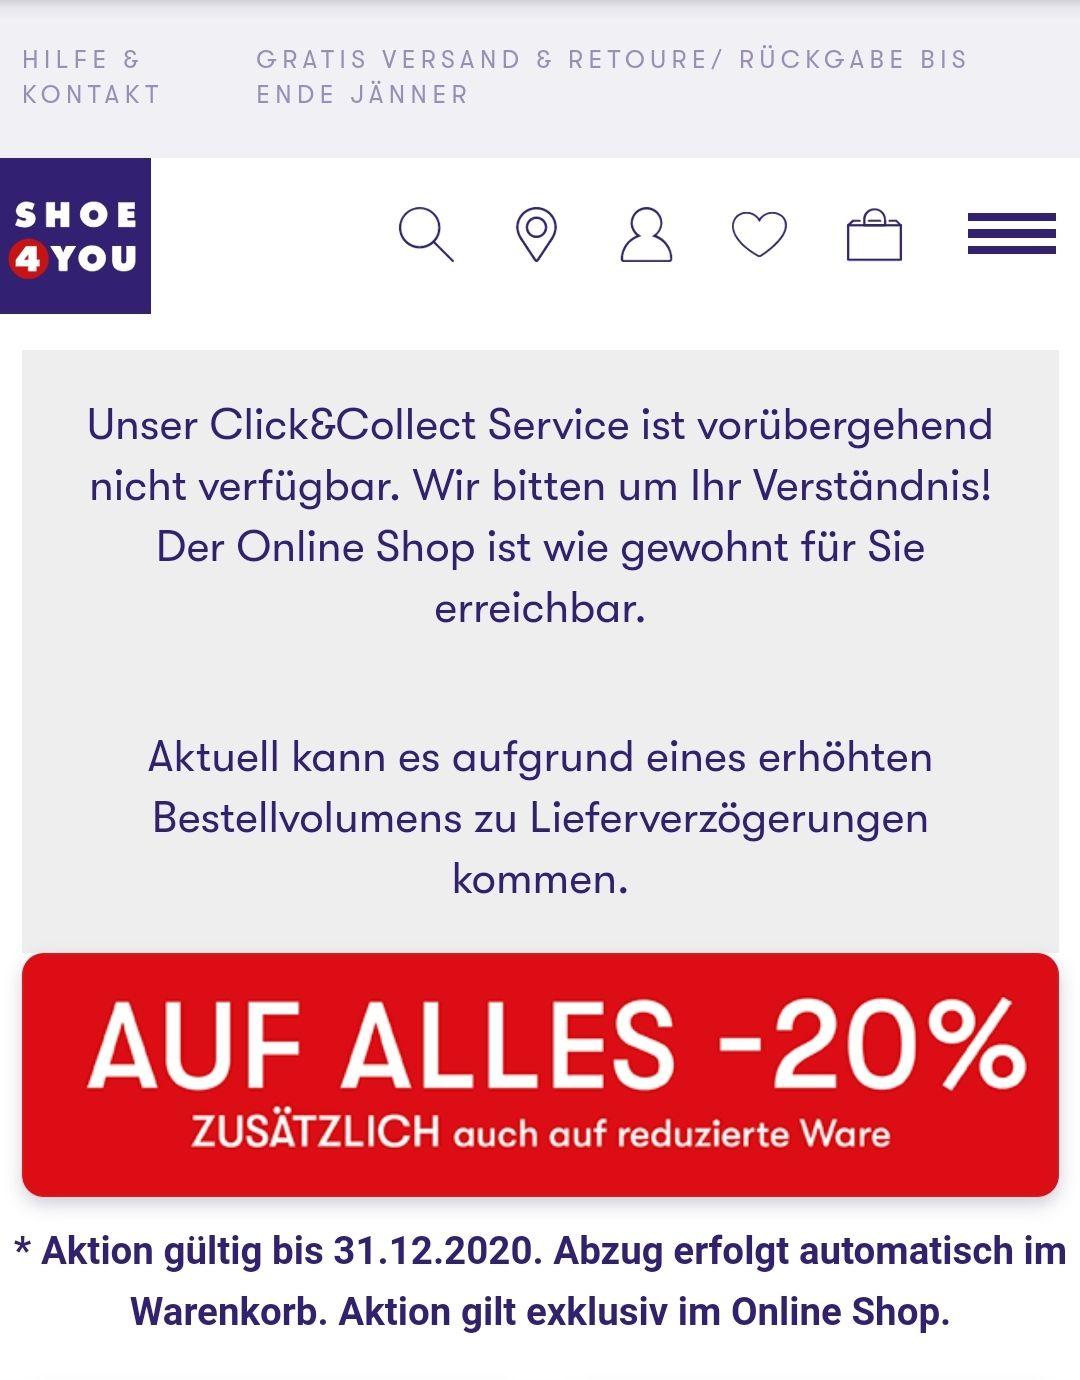 Shoe4you (nur mehr) -20%, dafür diesmal auch auf reduzierte Ware